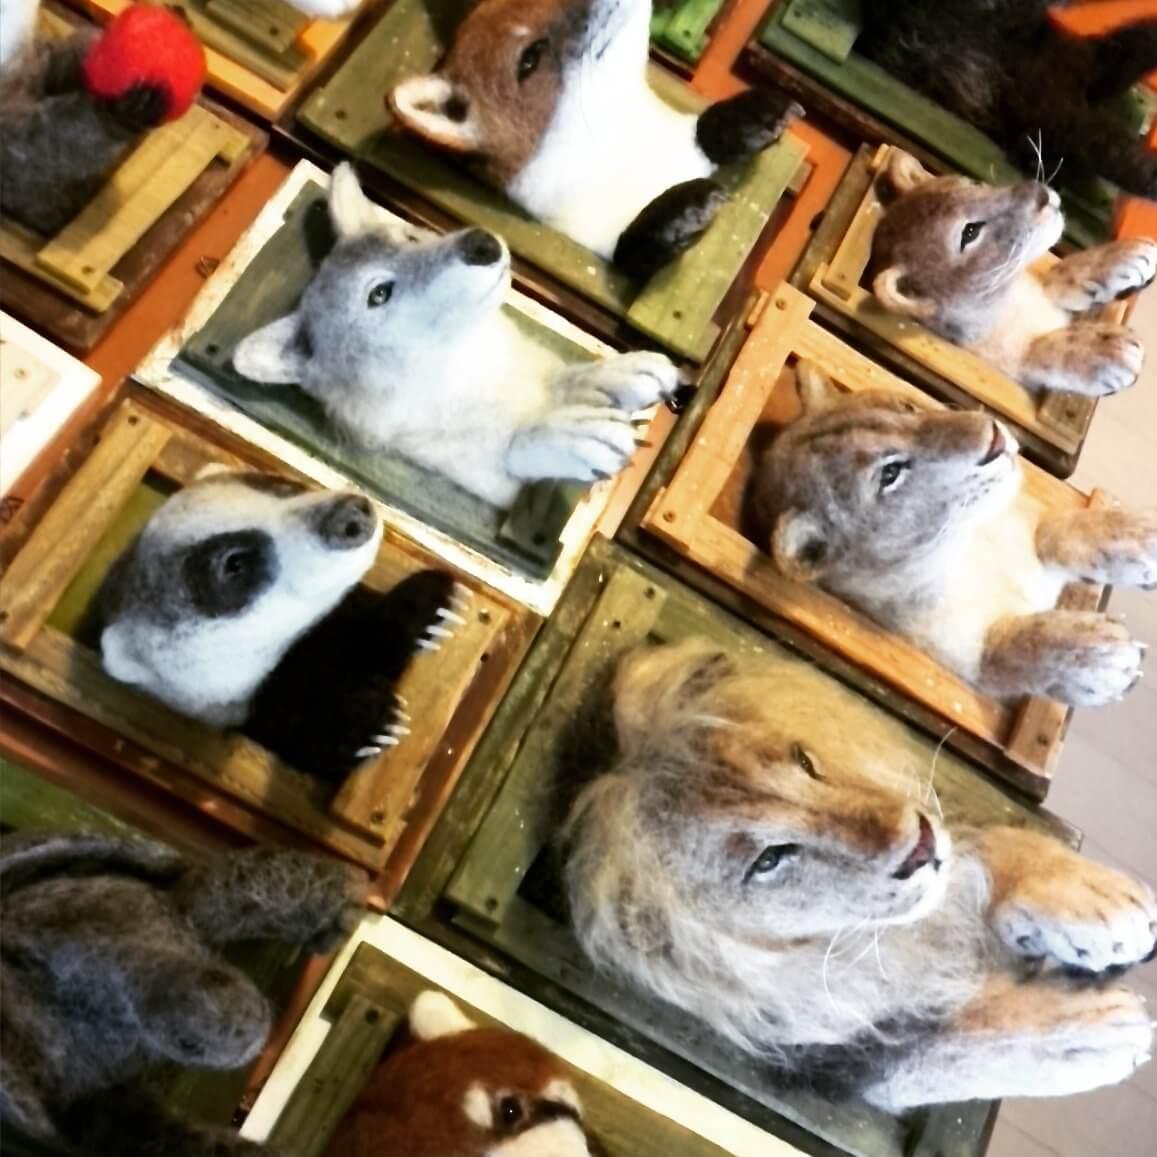 【寫實】羊毛氈動物衝出相框